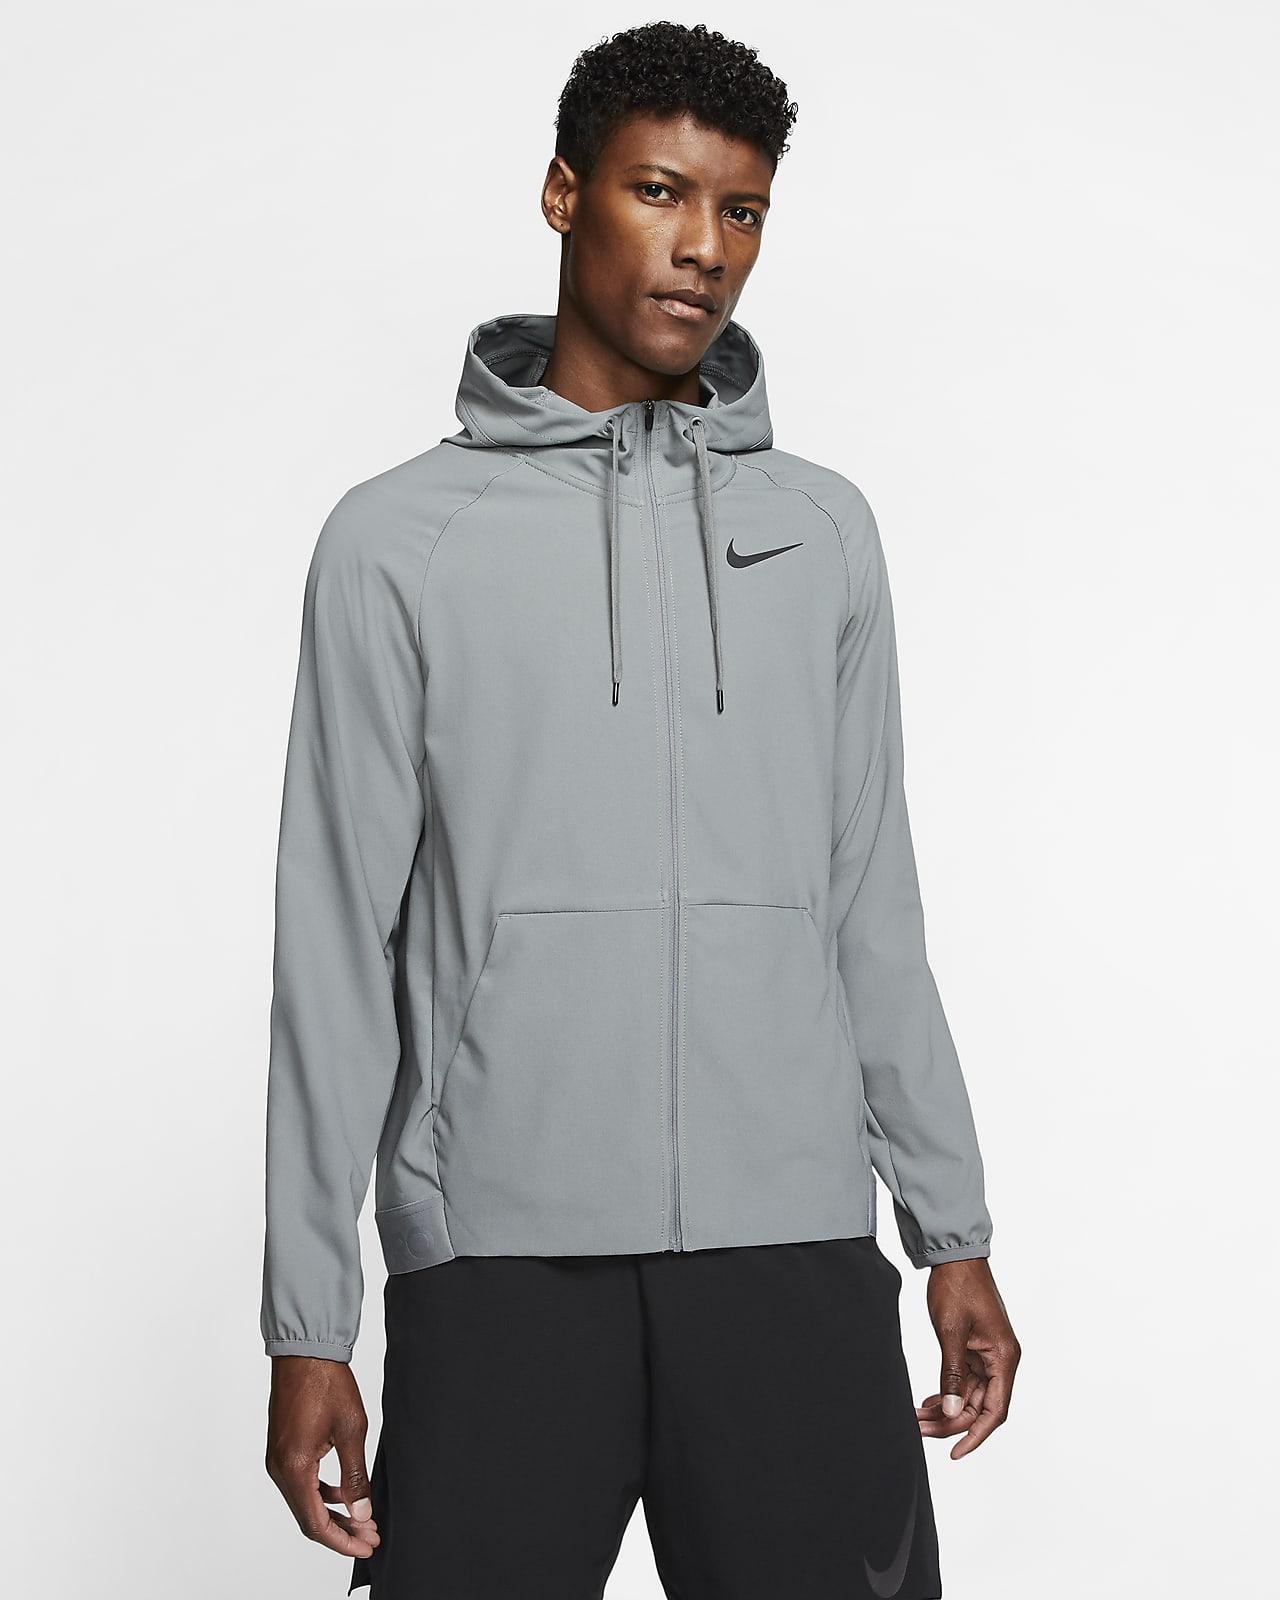 Träningsjacka med hel dragkedja Nike Flex för män